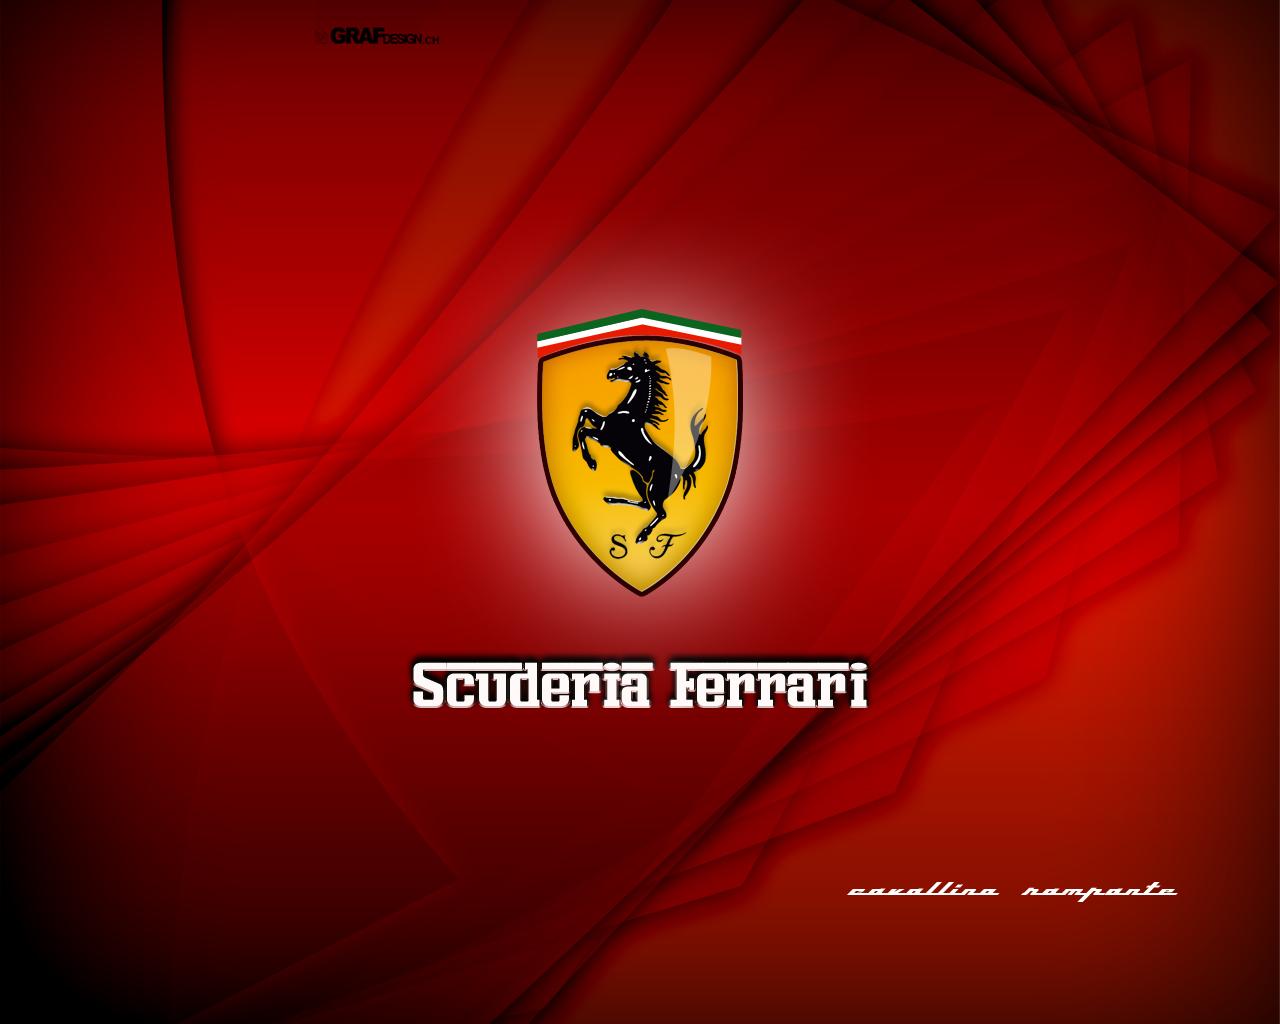 Scuderia Ferrari Ferrari Logo Wallpaper 1280x1024 Wallpapertip